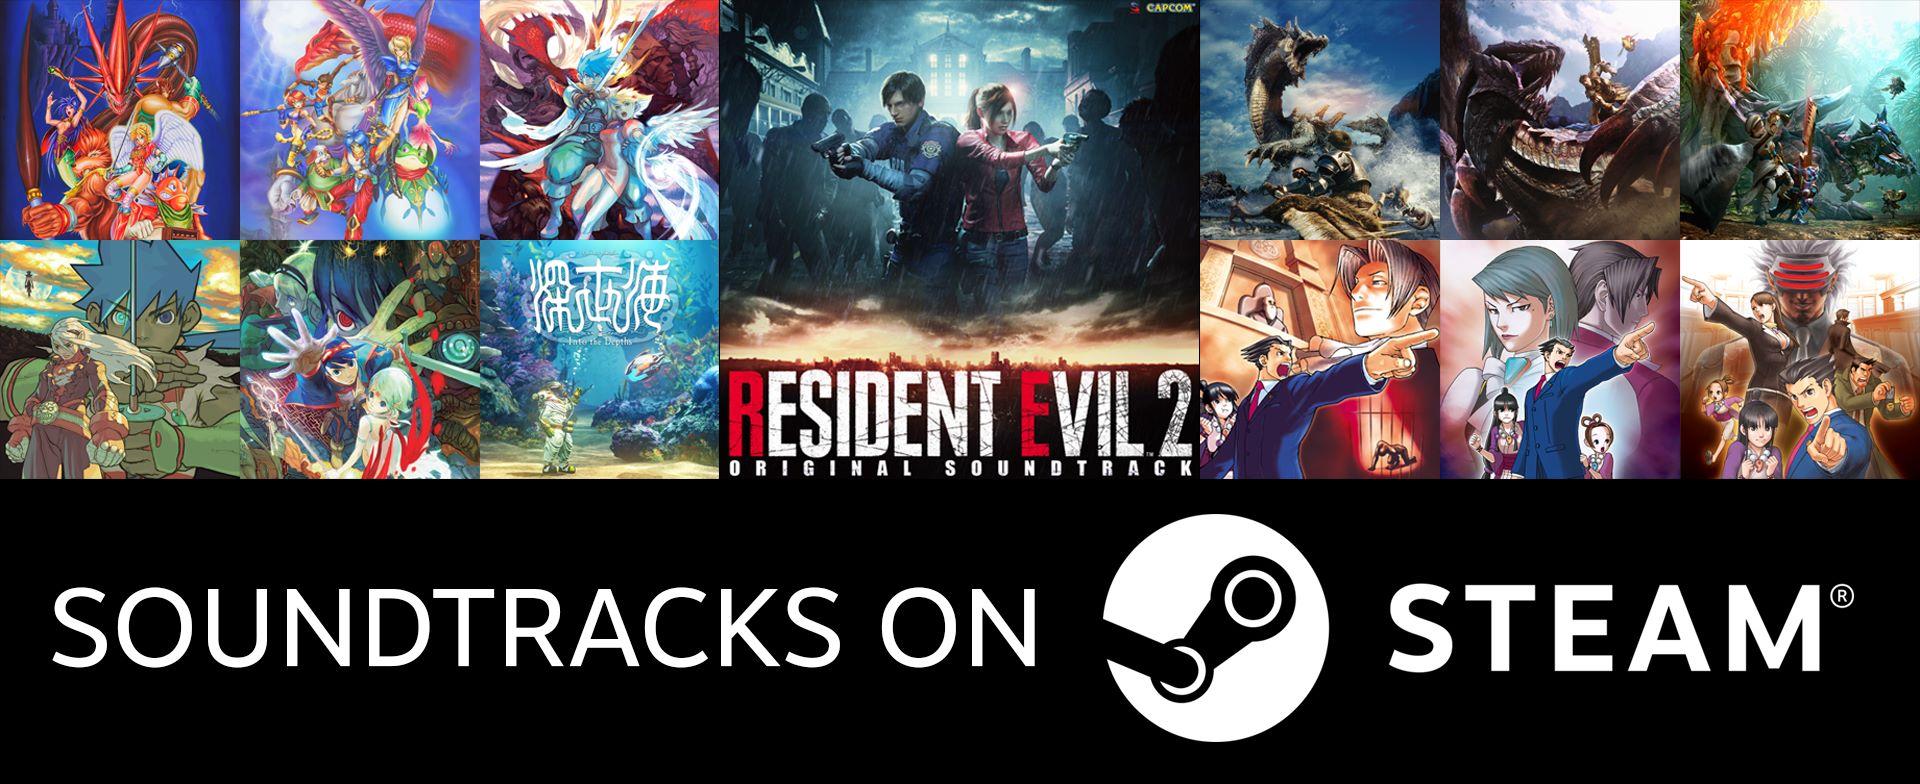 Le colonne sonore di Resident Evil, Monster Hunter, e altri giochi di Capcom sono ora su Steam e Spotify